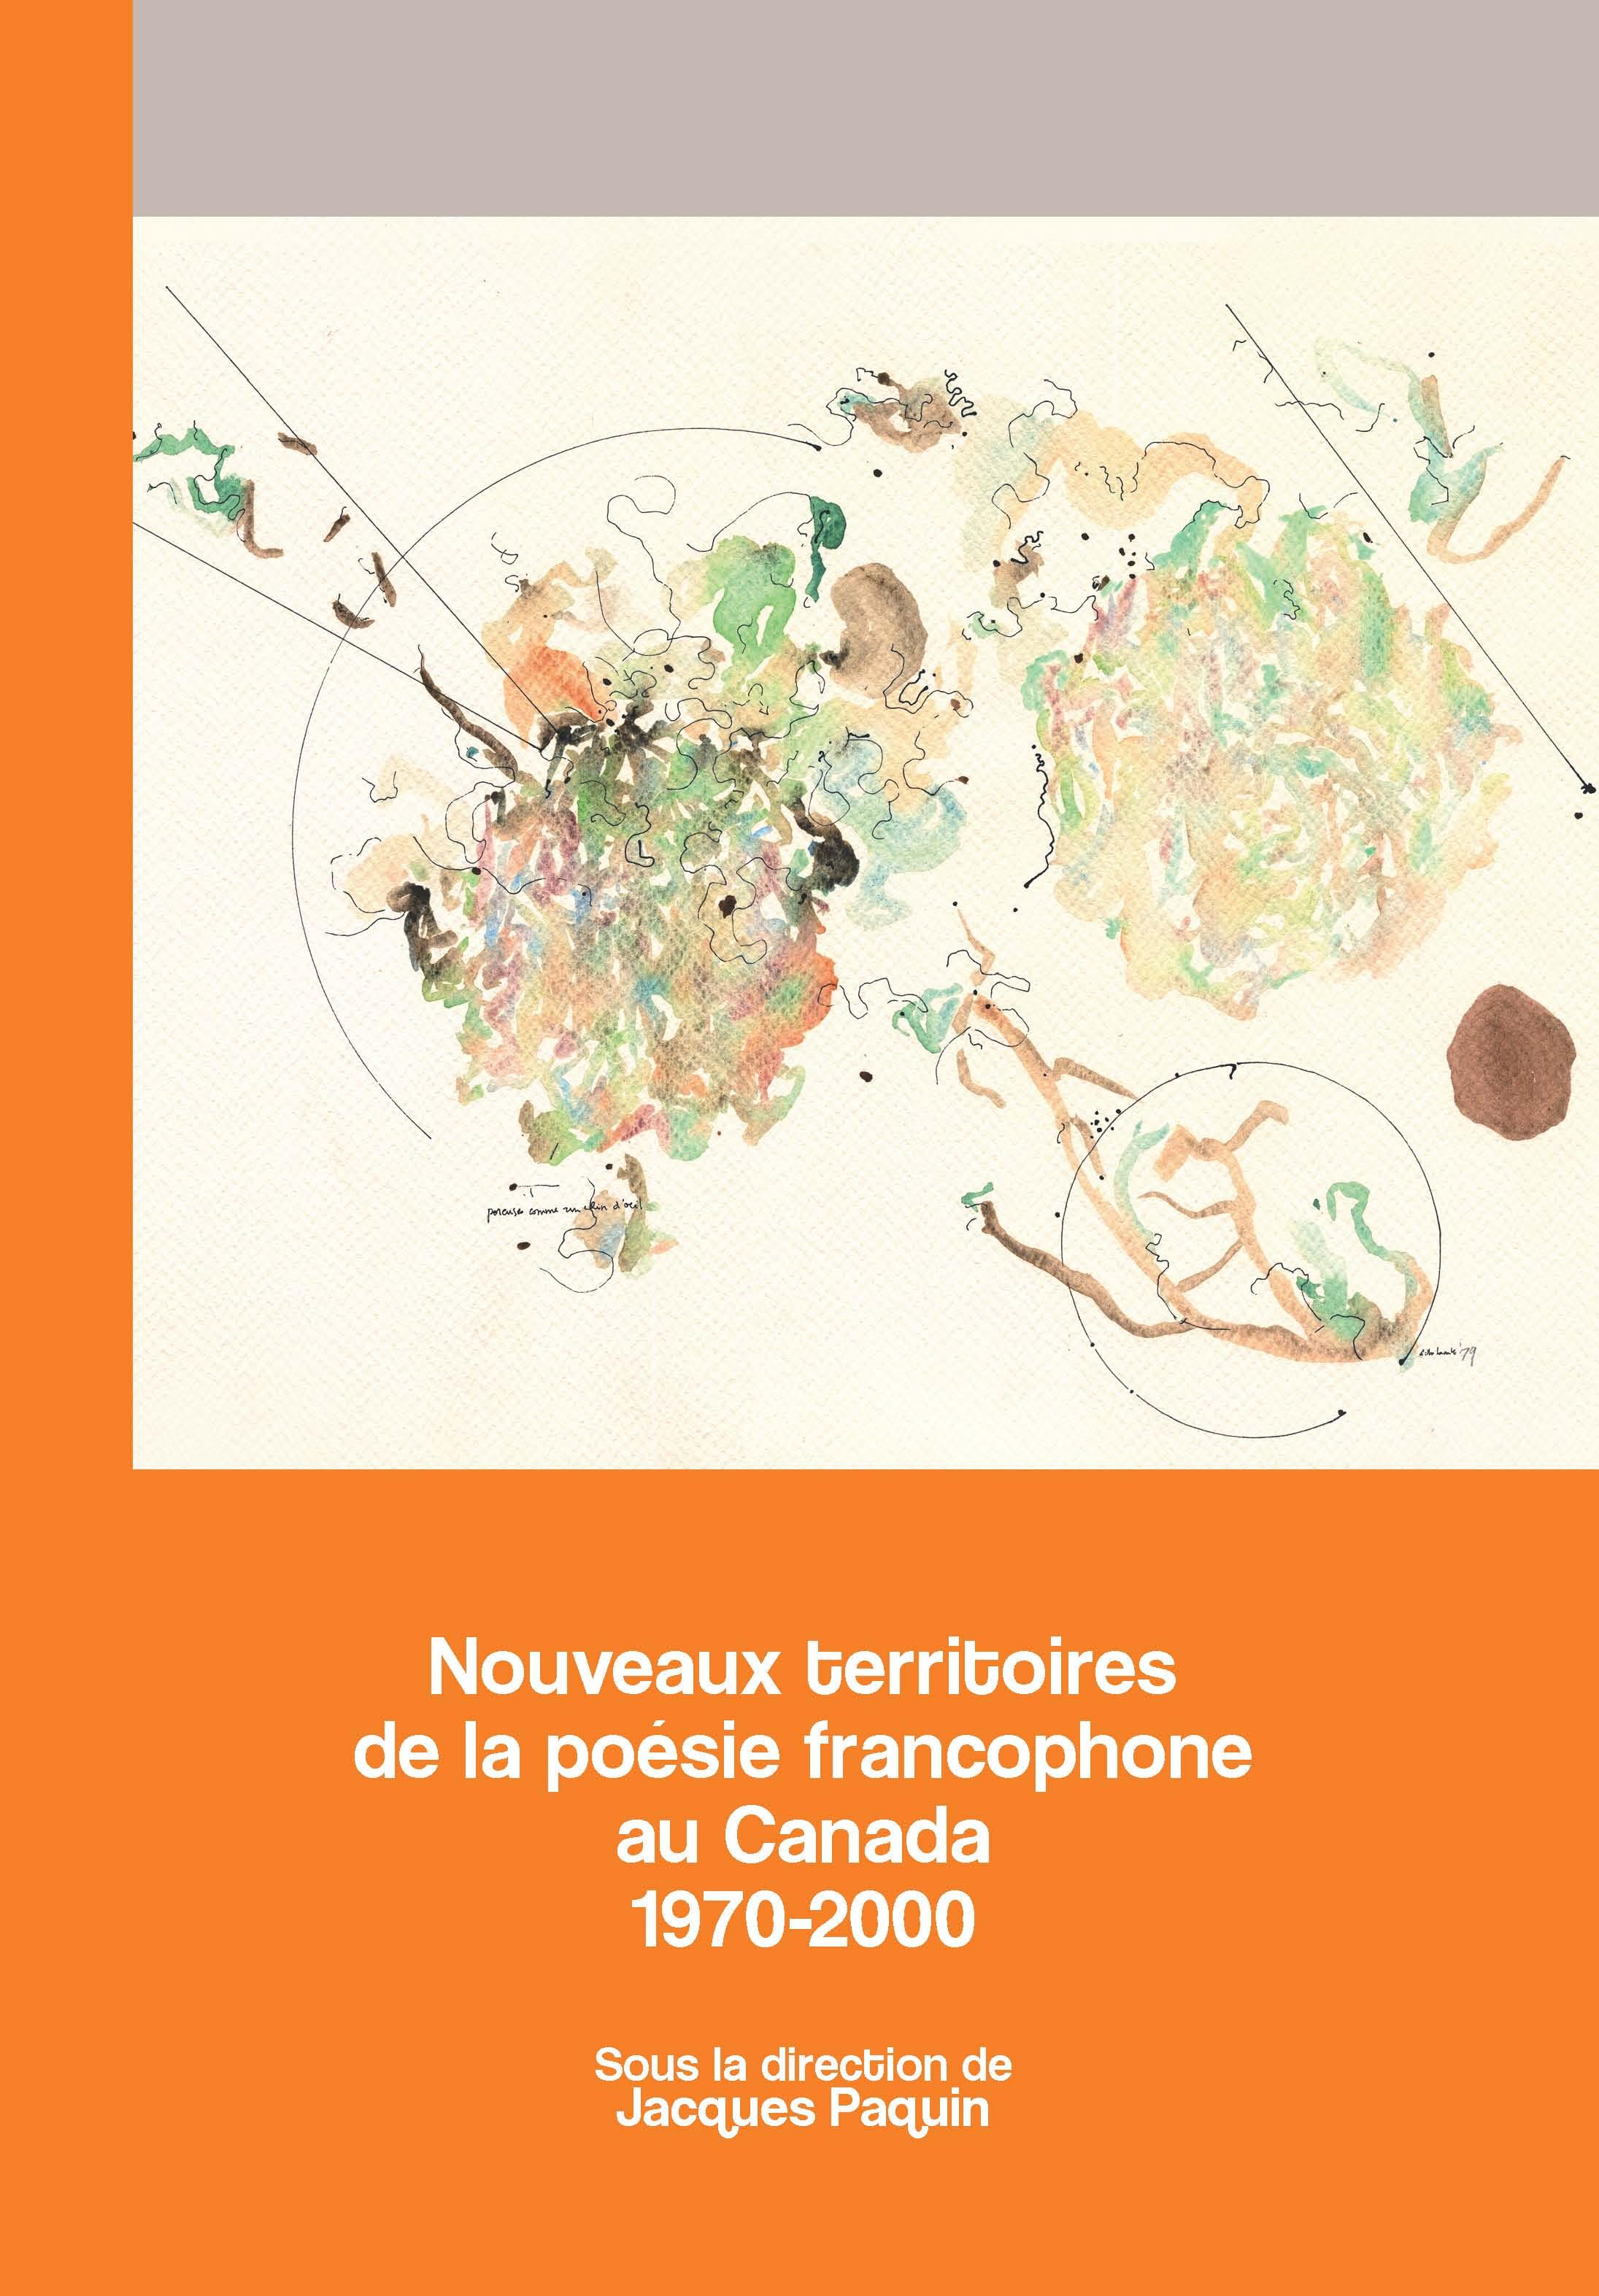 Nouveaux territoires de la poésie francophone au Canada 1970-2000